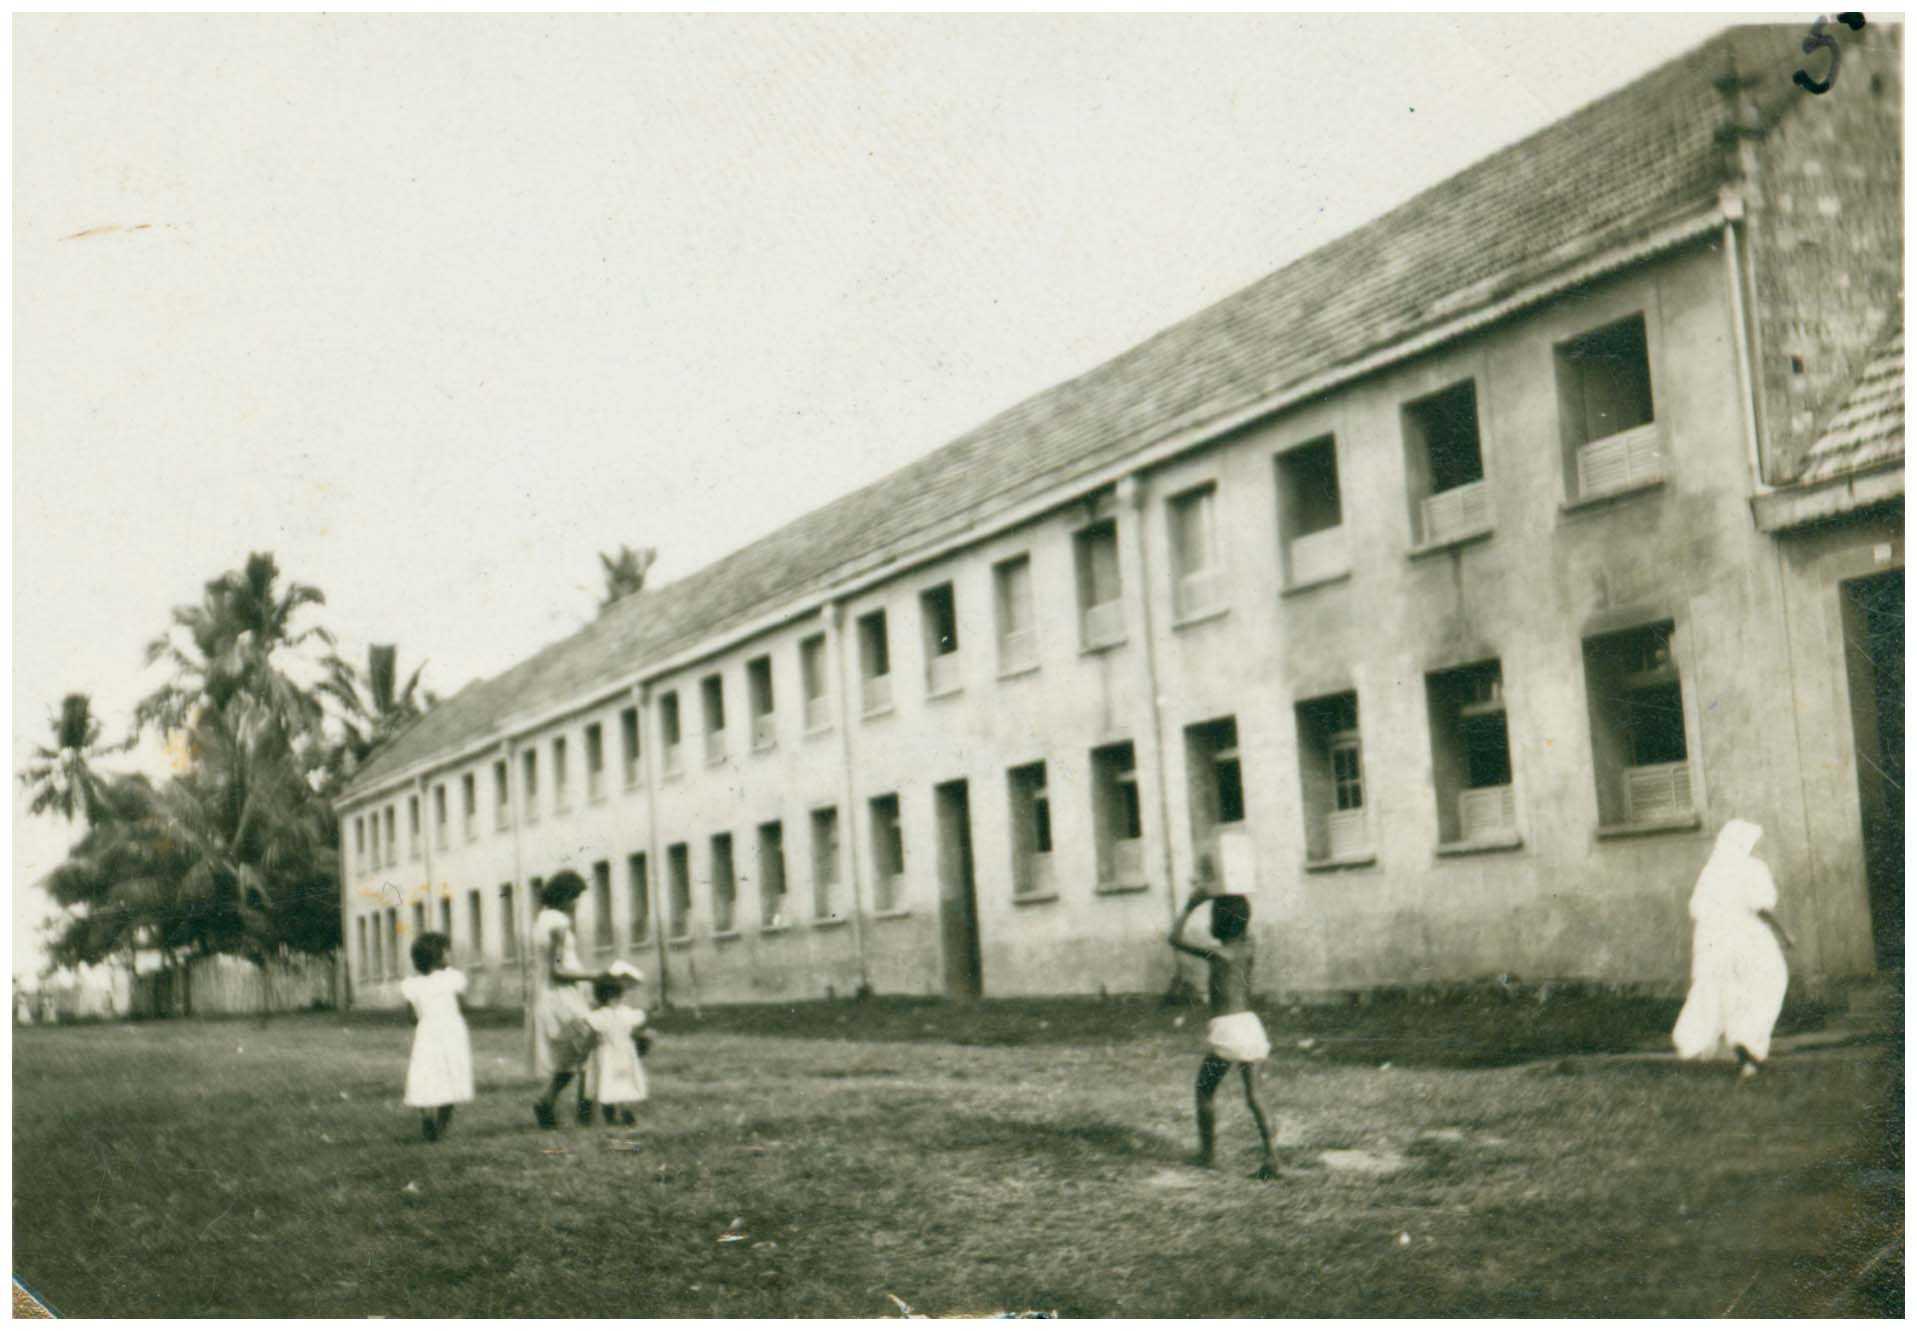 Colégio Santa Teresa e Escola Normal : Tefé, AM - [19--] / Foto : IBGE